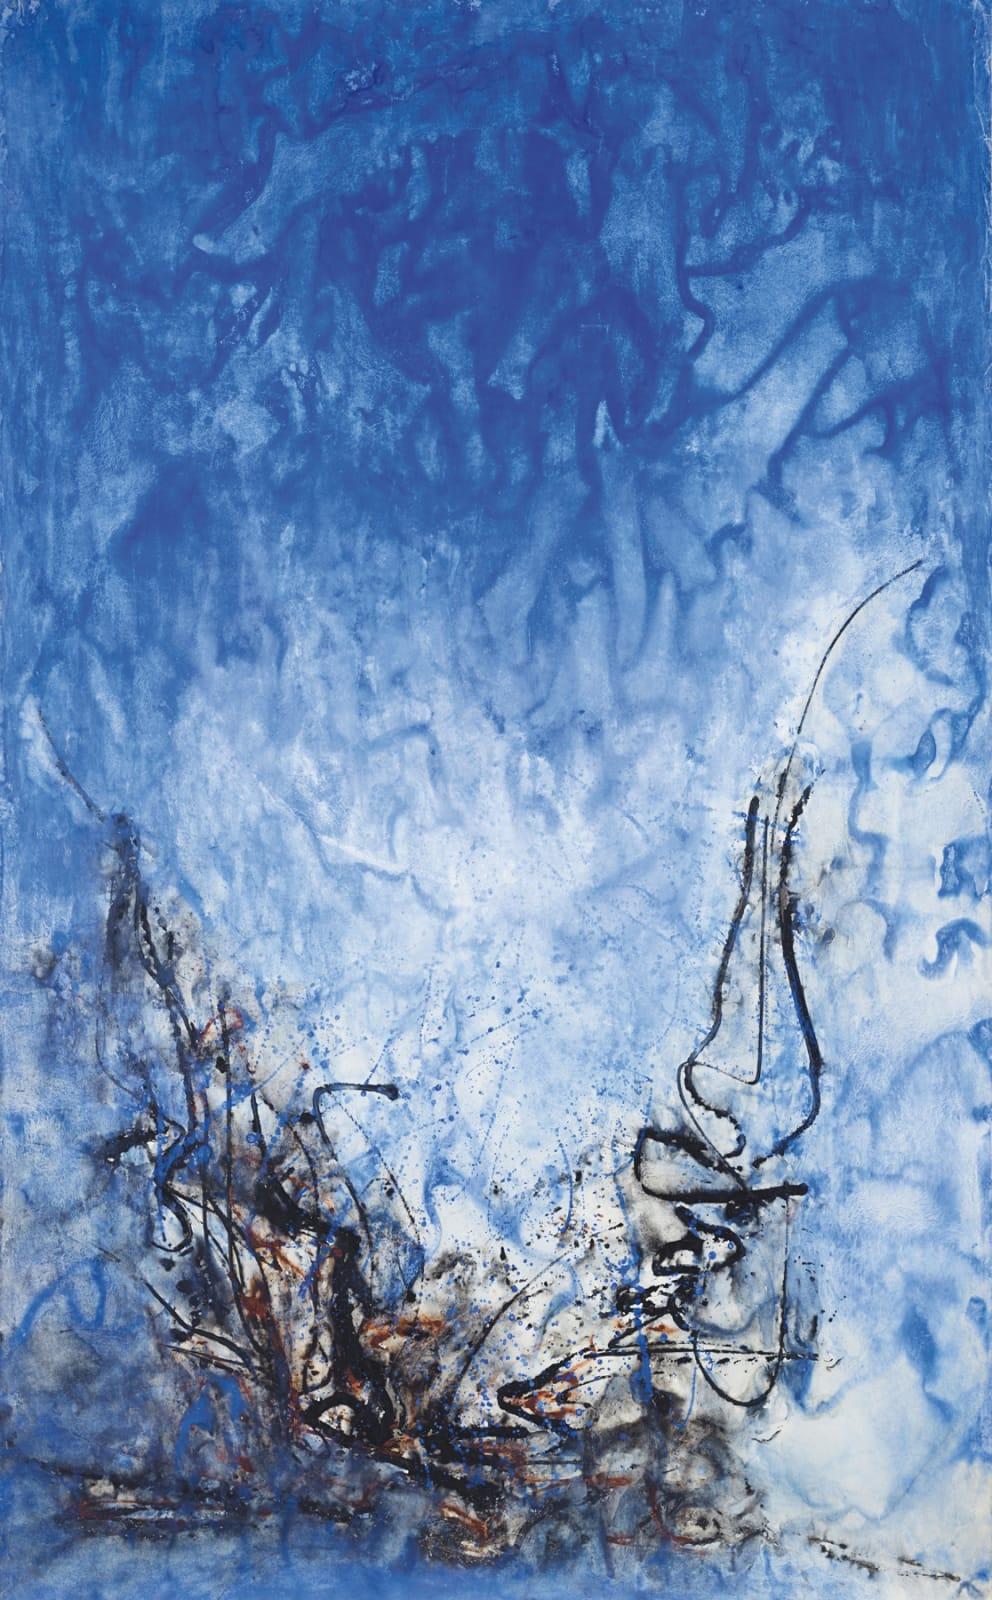 Lalan 謝景蘭, Untitled《無題》, 1969-1970